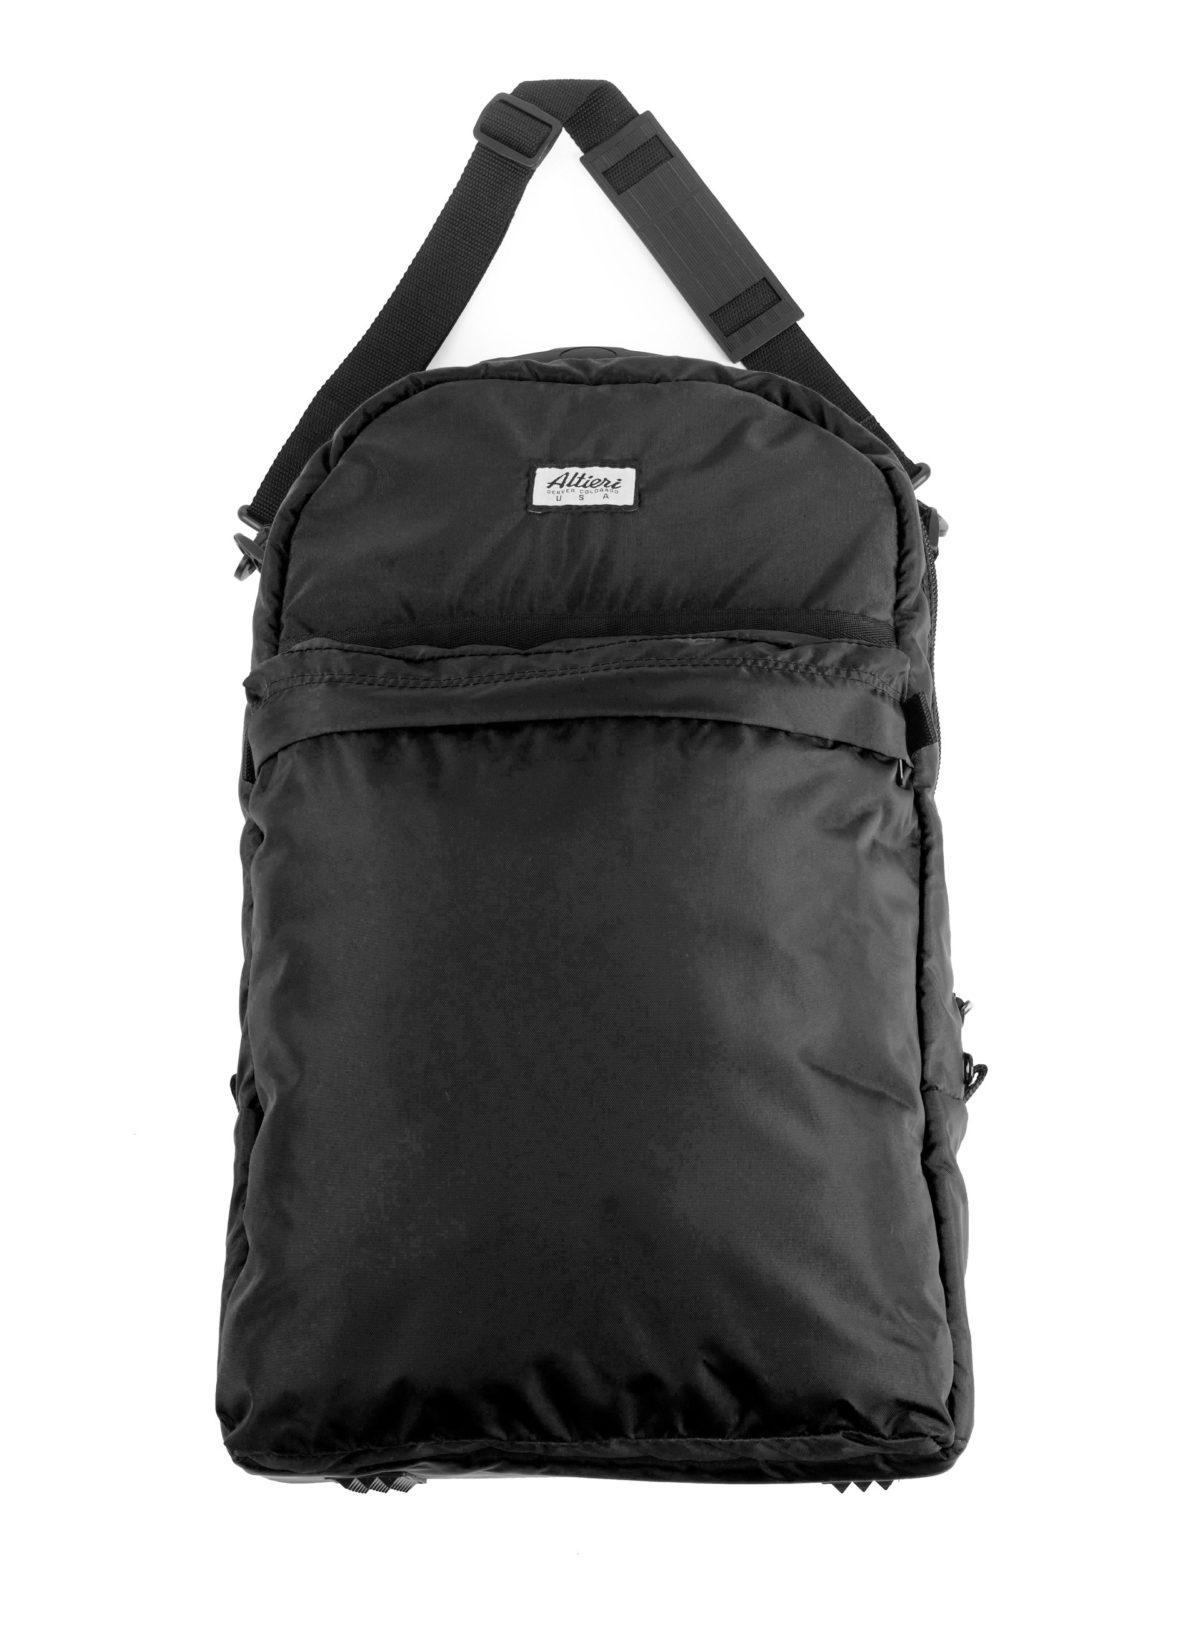 Altieri Alto Flute Backpack Front Strap View AFBP 00 BK000